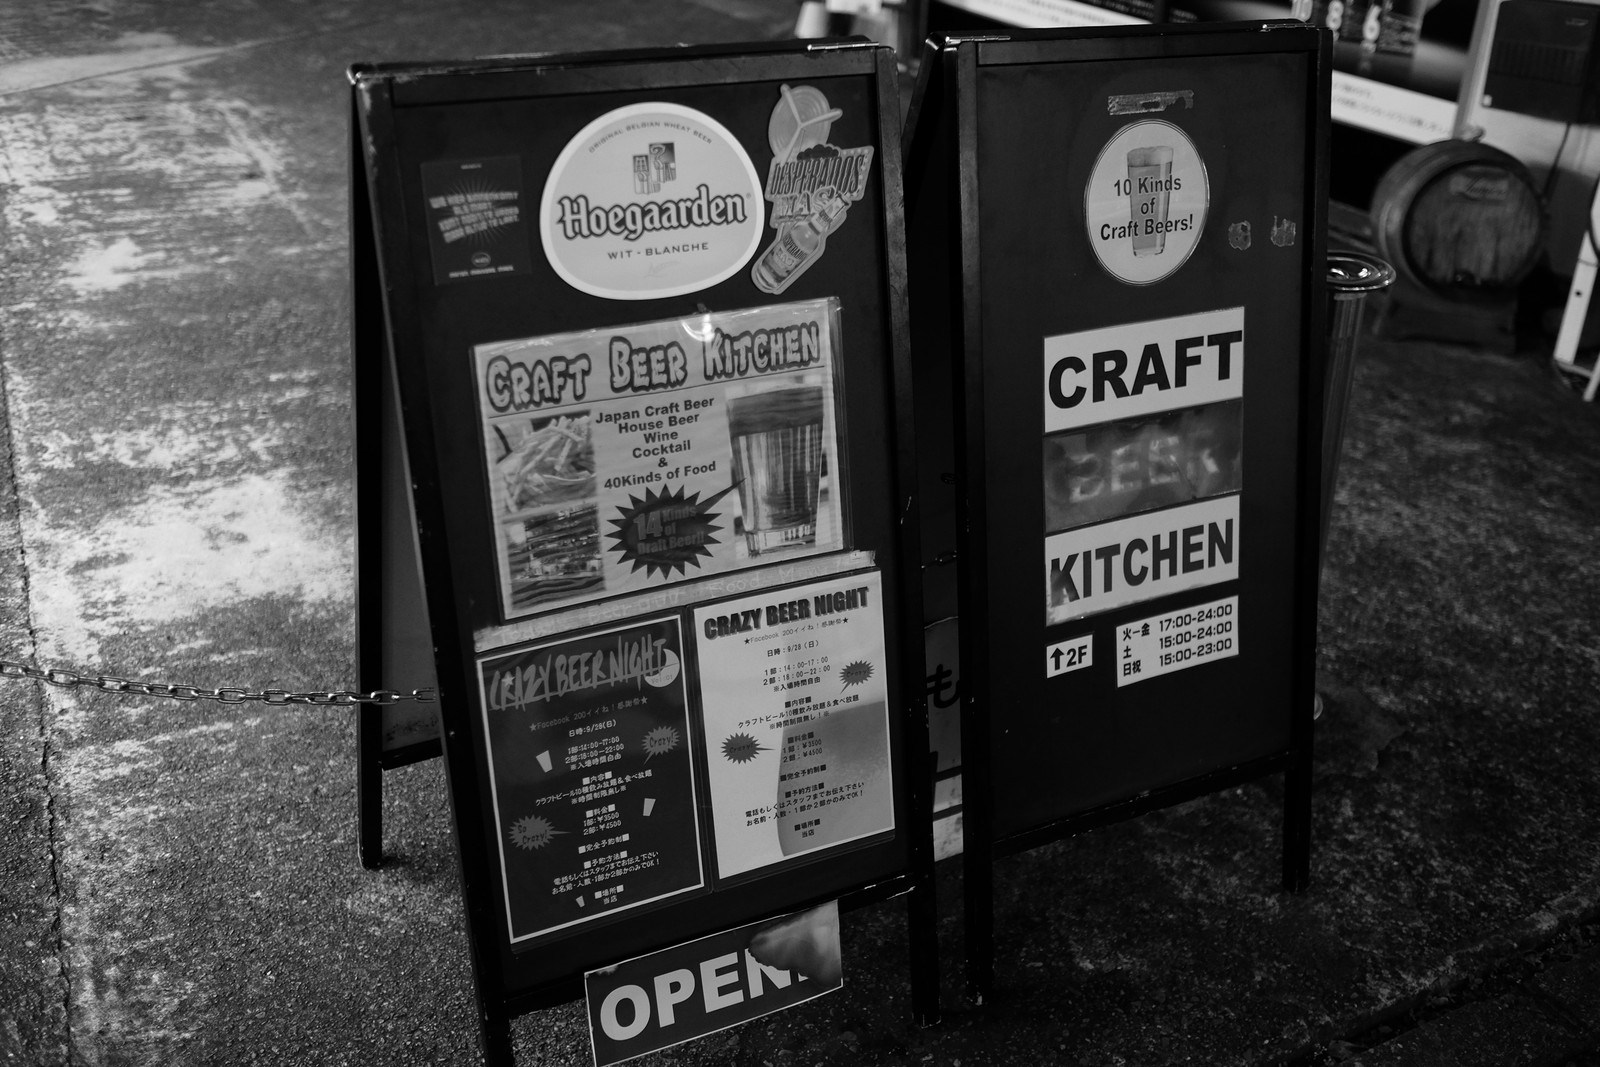 たまプラーザ Craft Beer Kitchen (0)